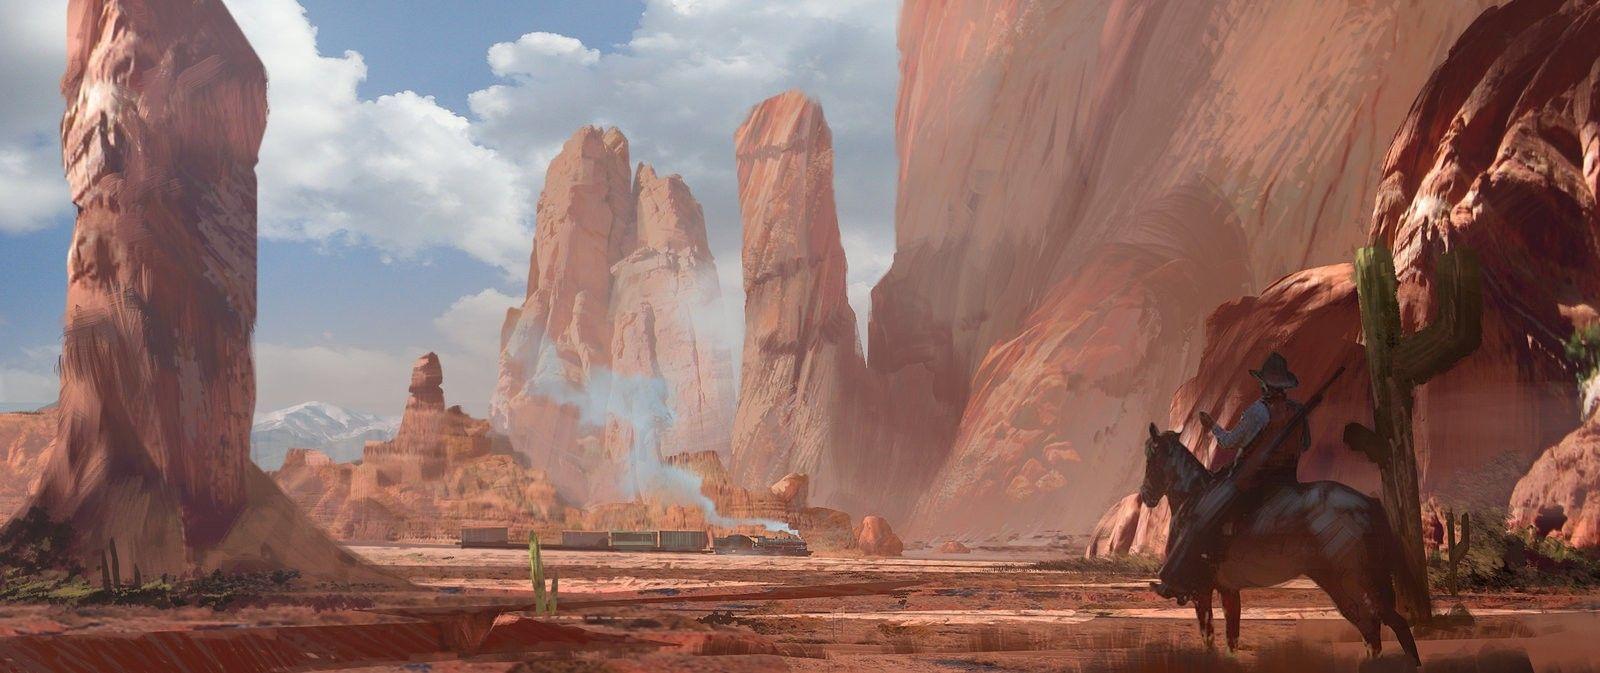 Landscape Red Dead Redemption Concept Art